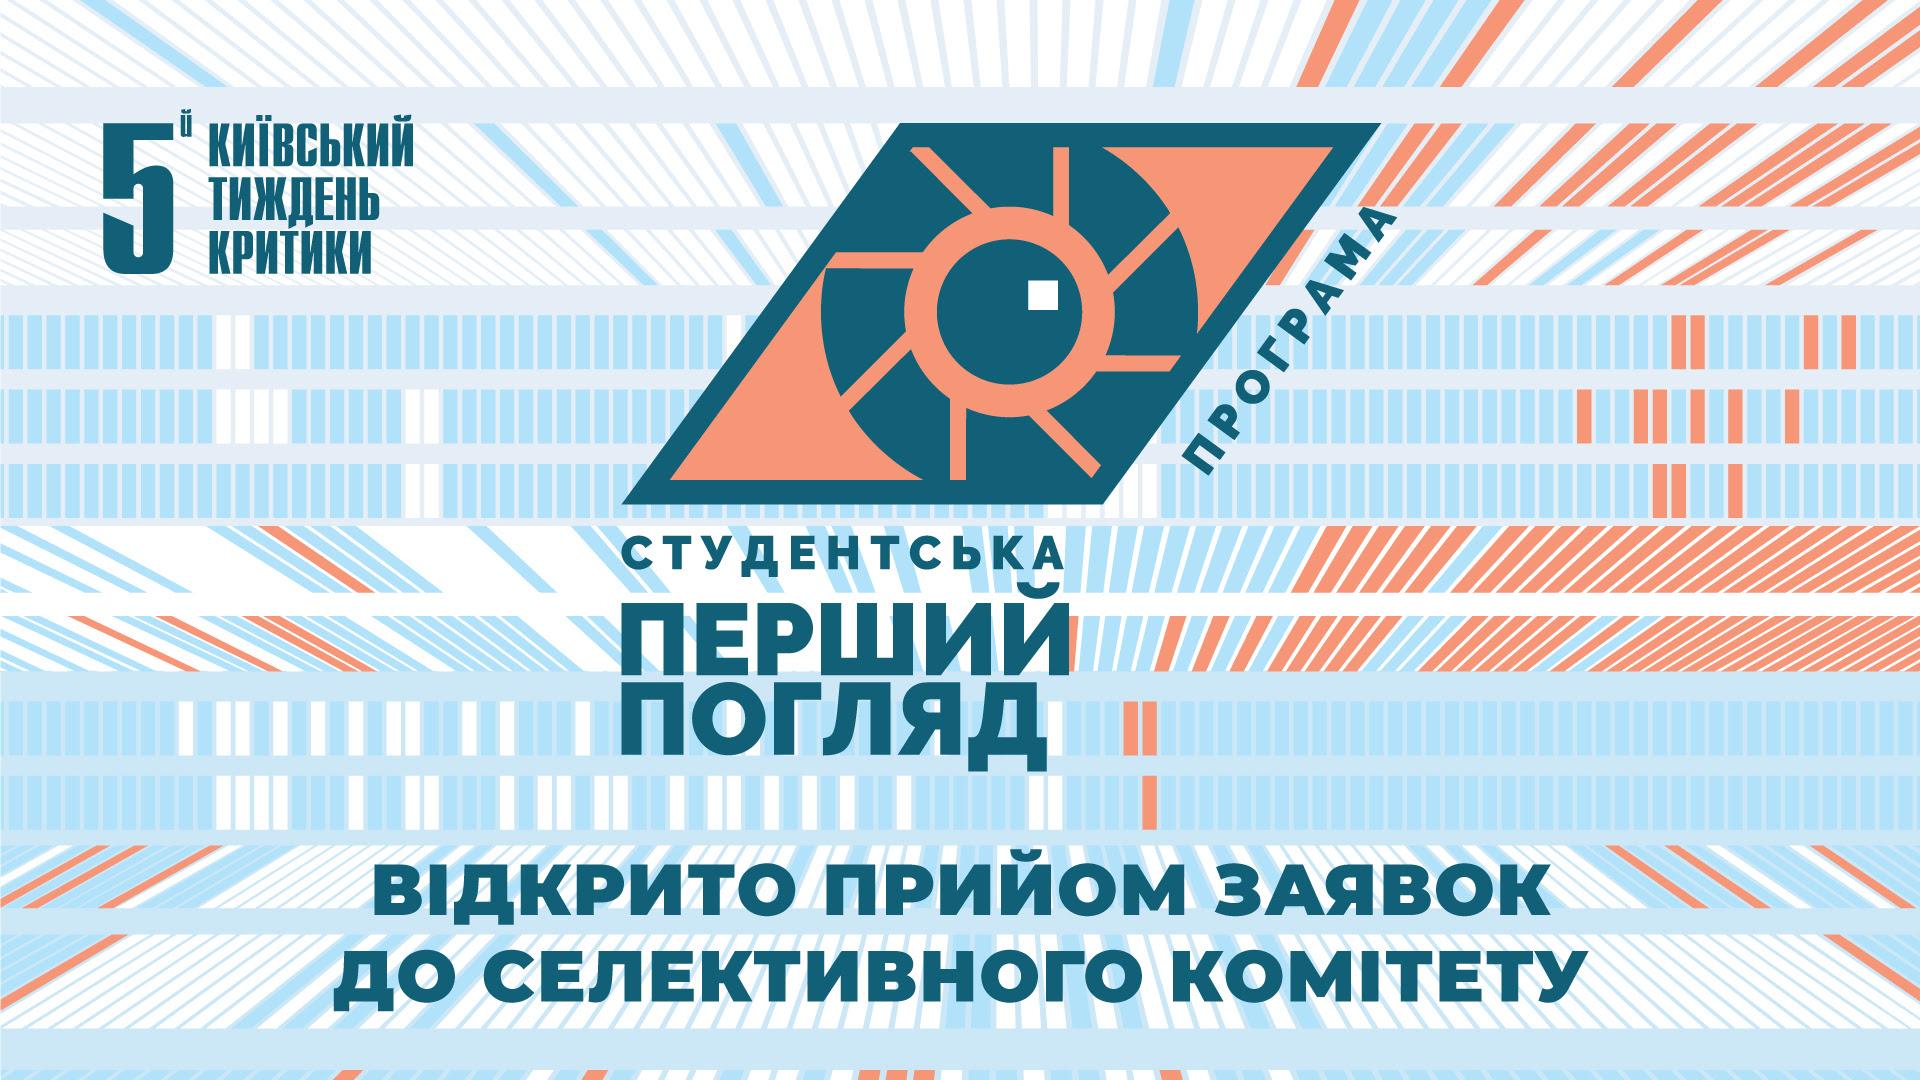 Відбір до селективного комітету програми «Перший погляд» Київського тижня критики